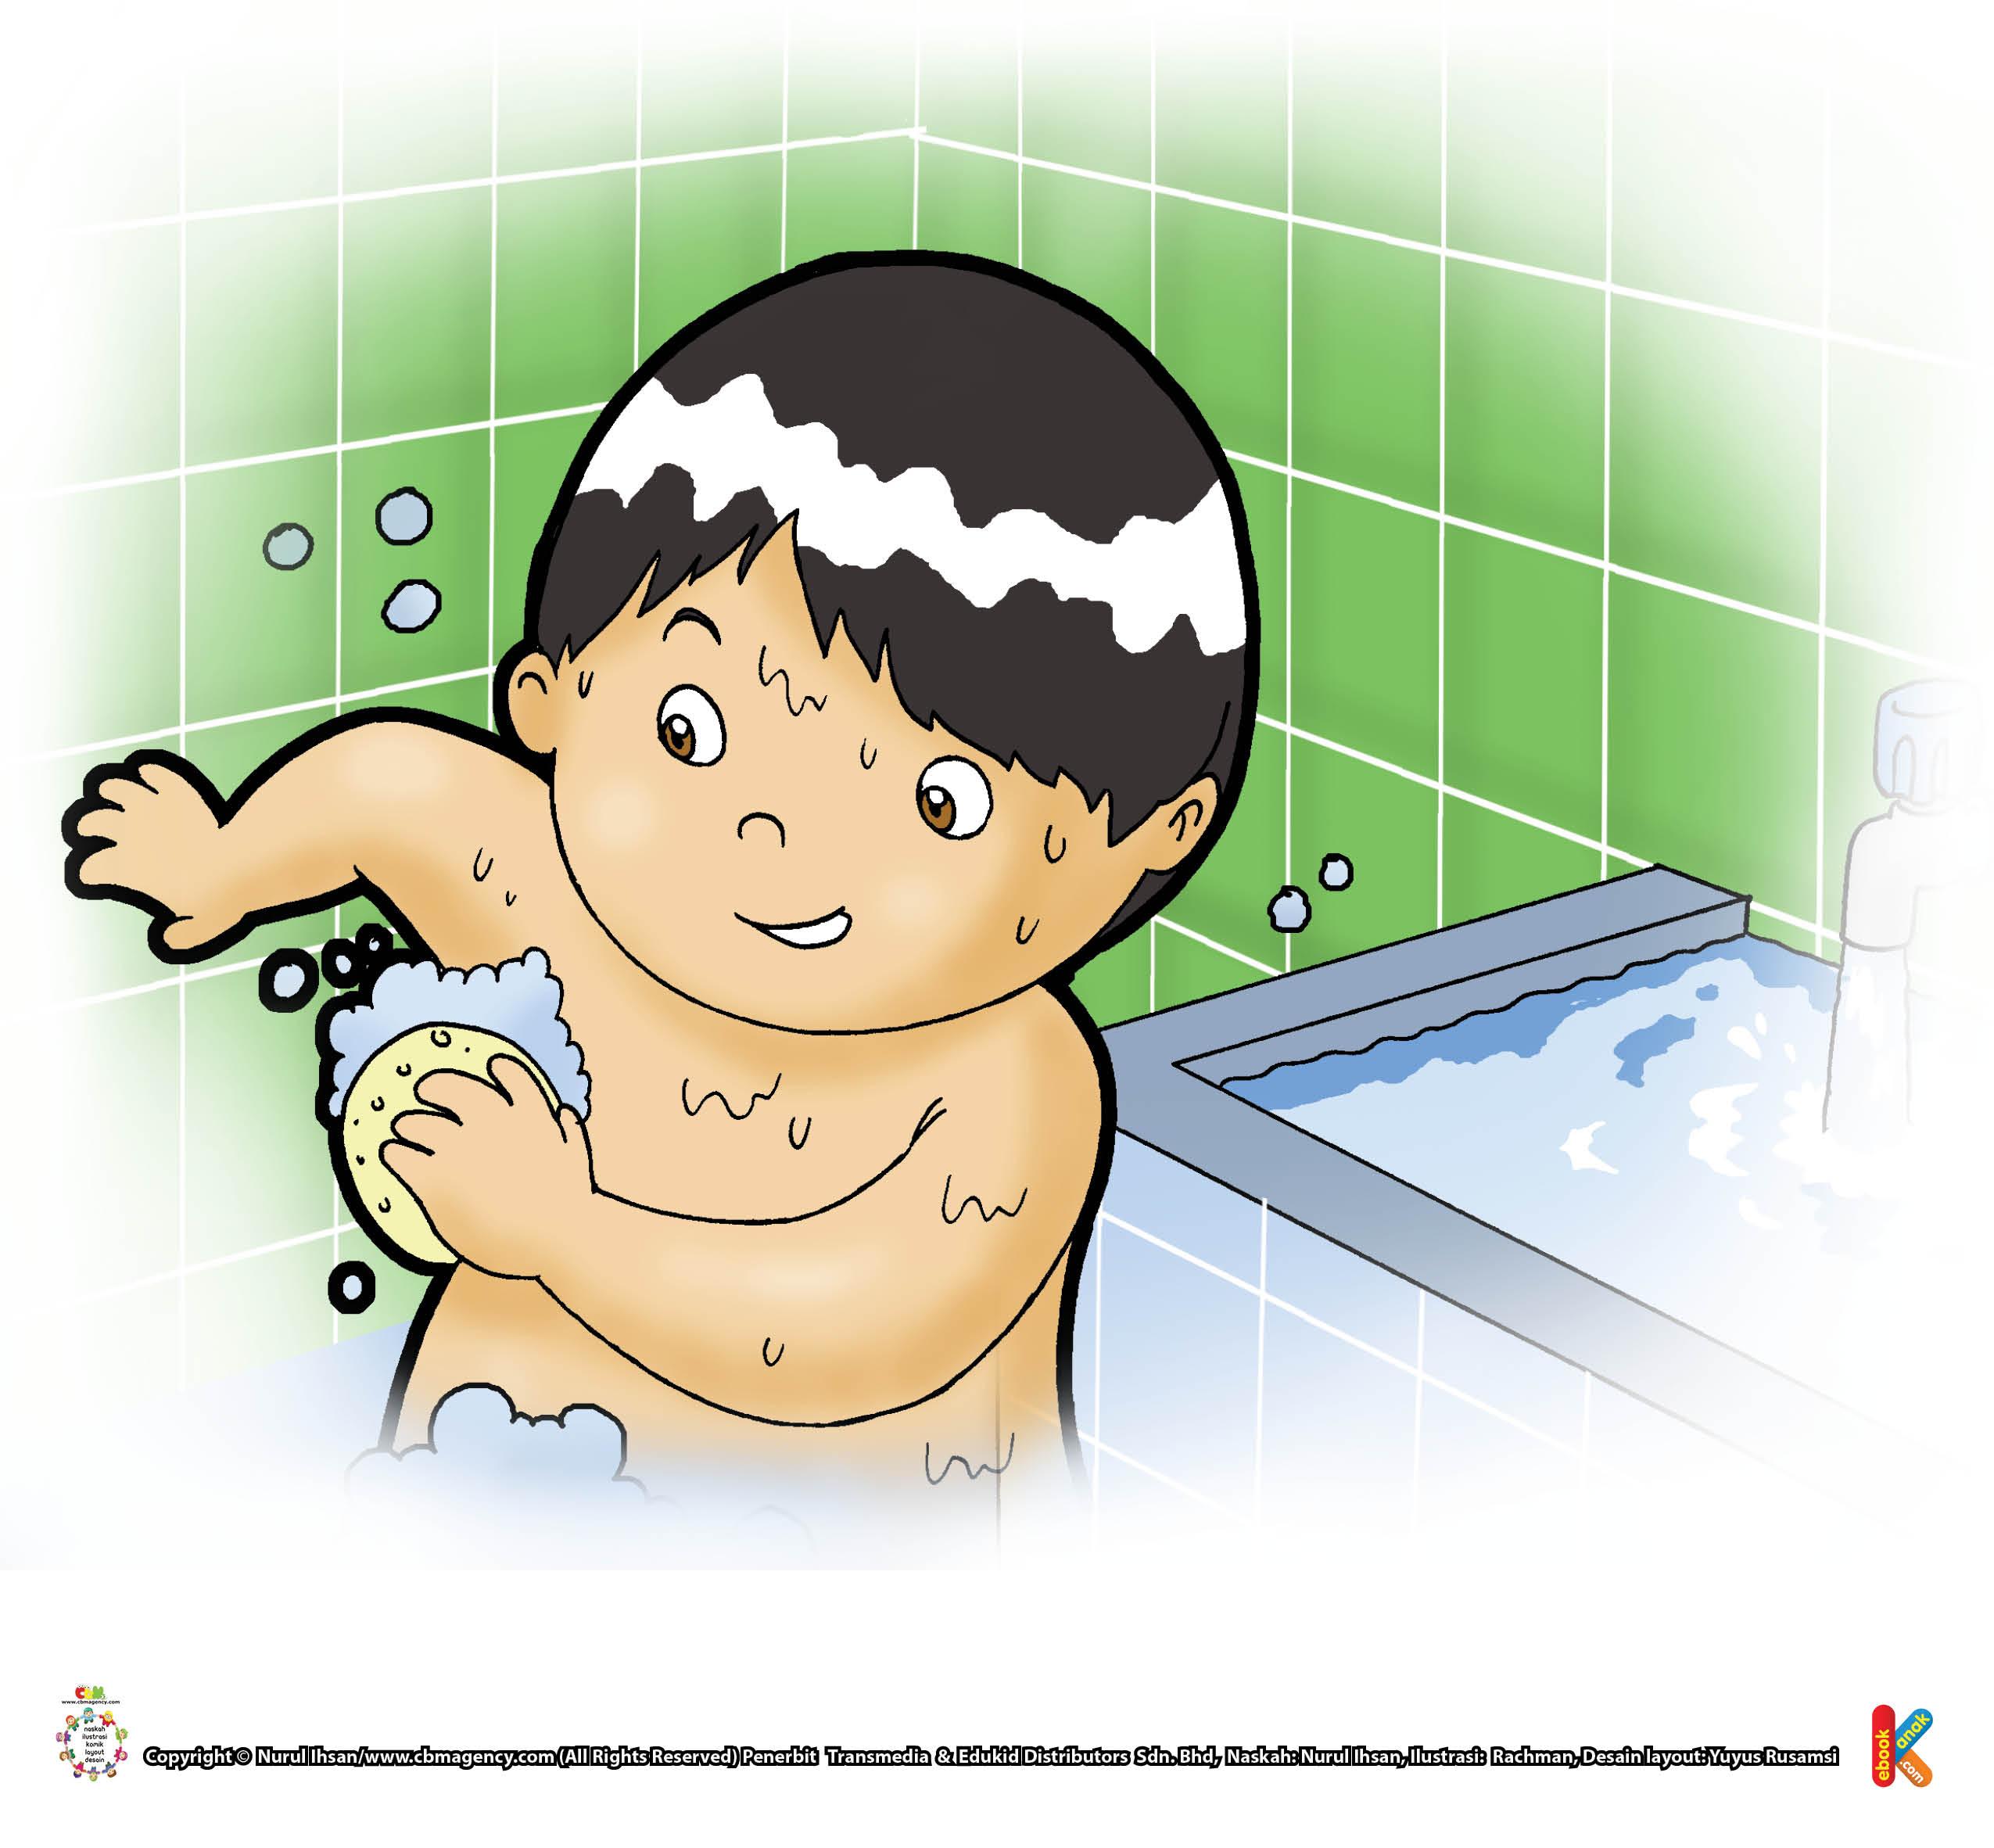 Pagi dan sore. Hm.... kalau rajin mandi, tubuh jadi bersih, sehat, dan wangi.